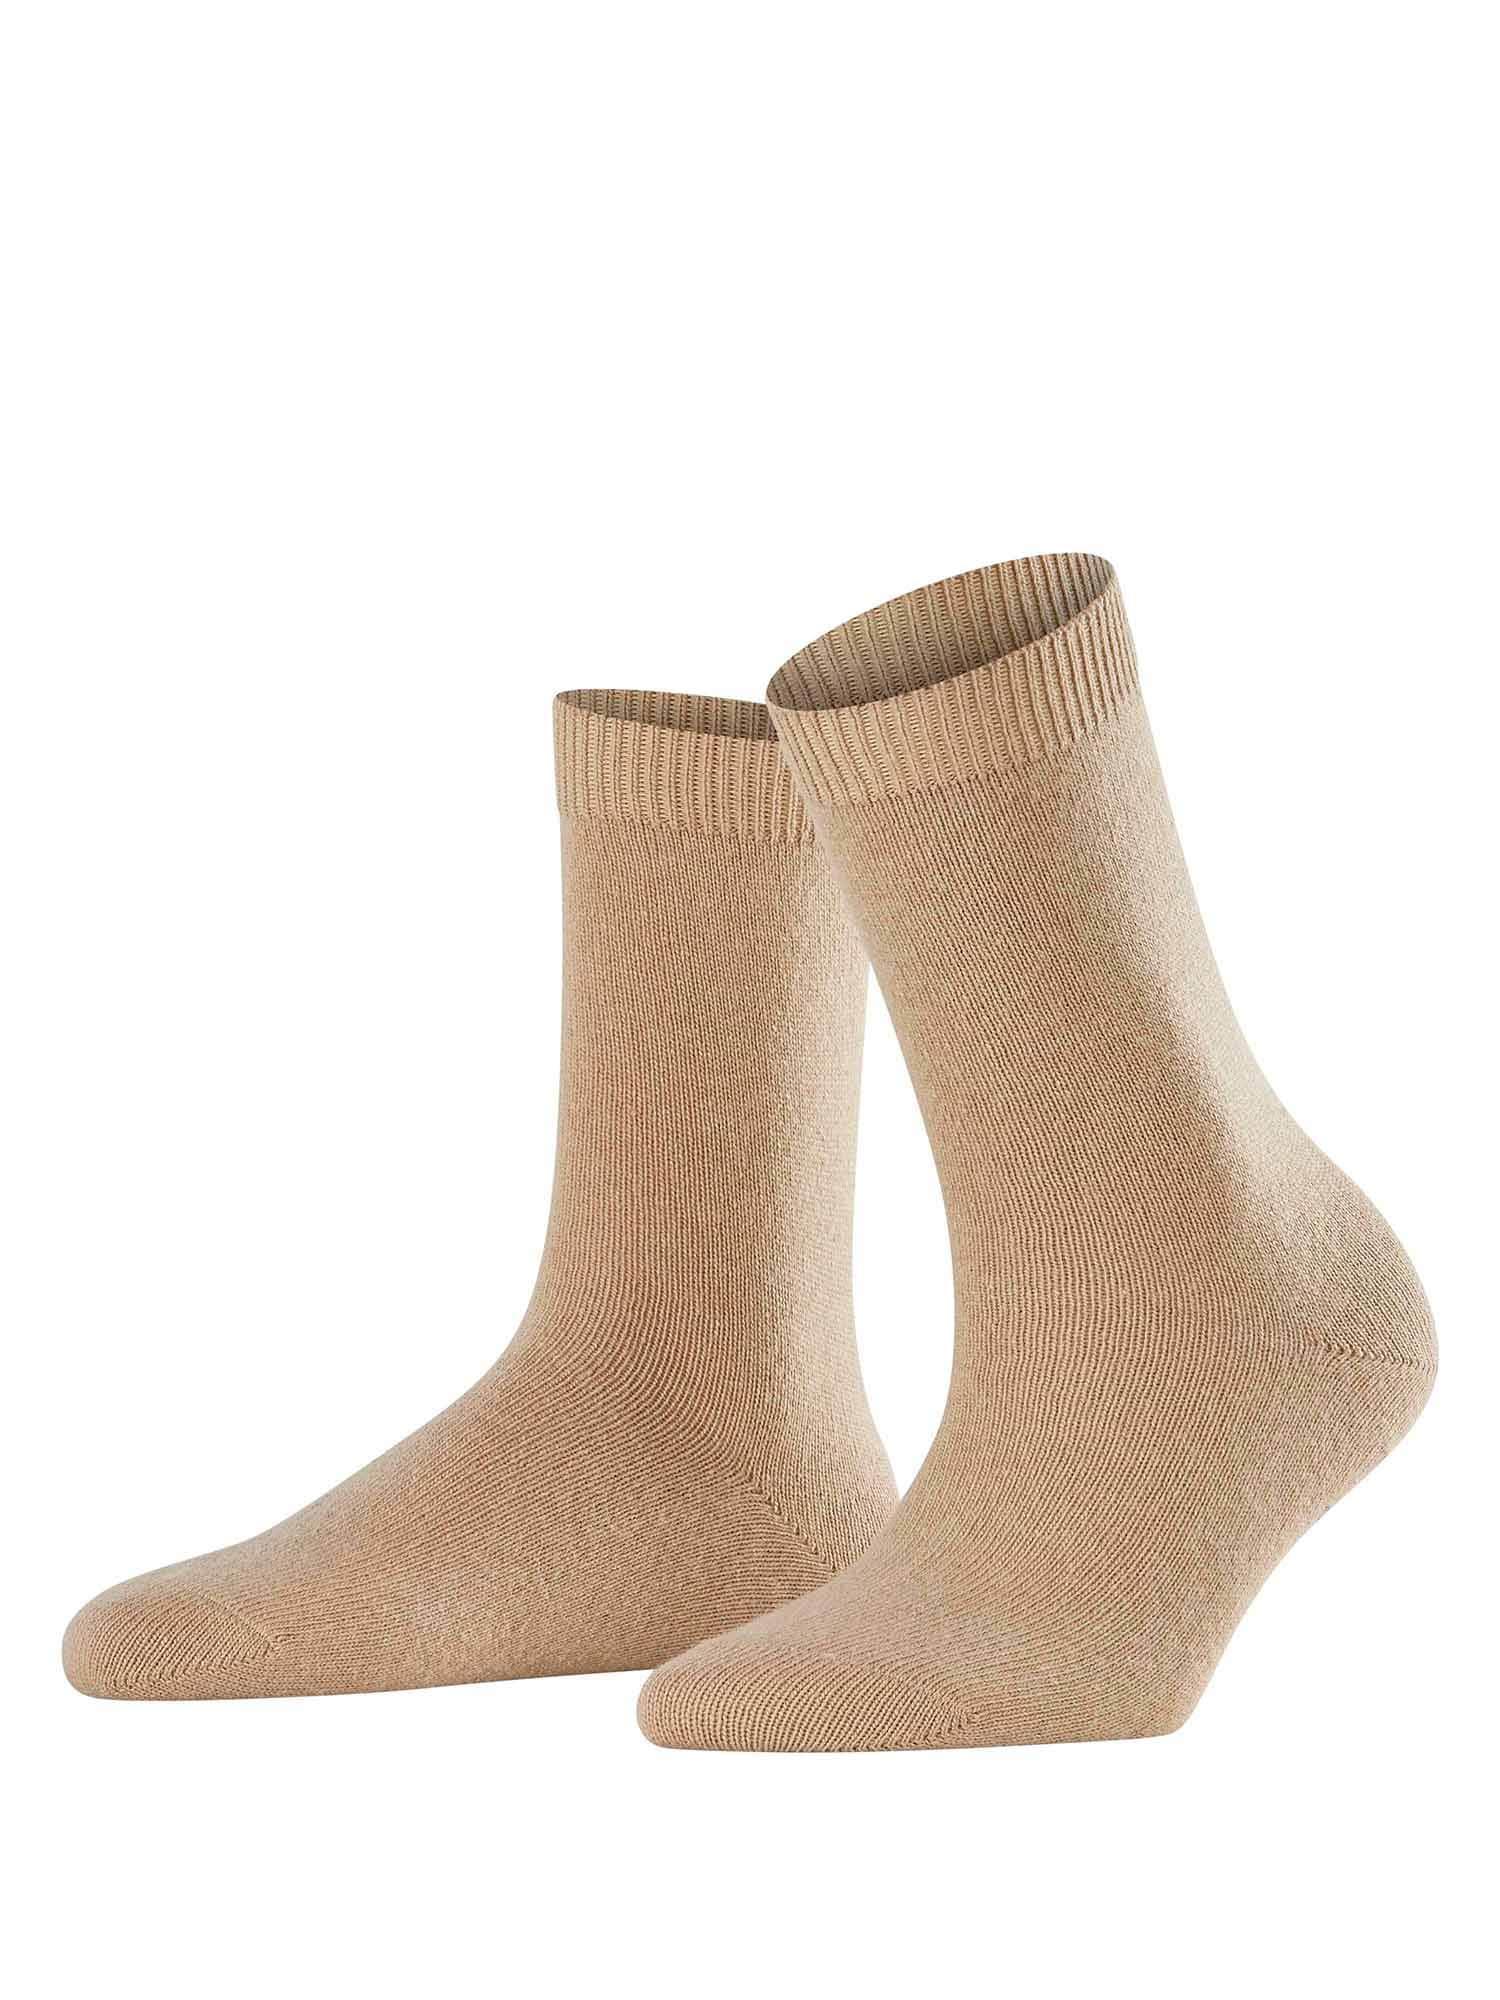 Ponožky Cosy Wool velbloudí FALKE